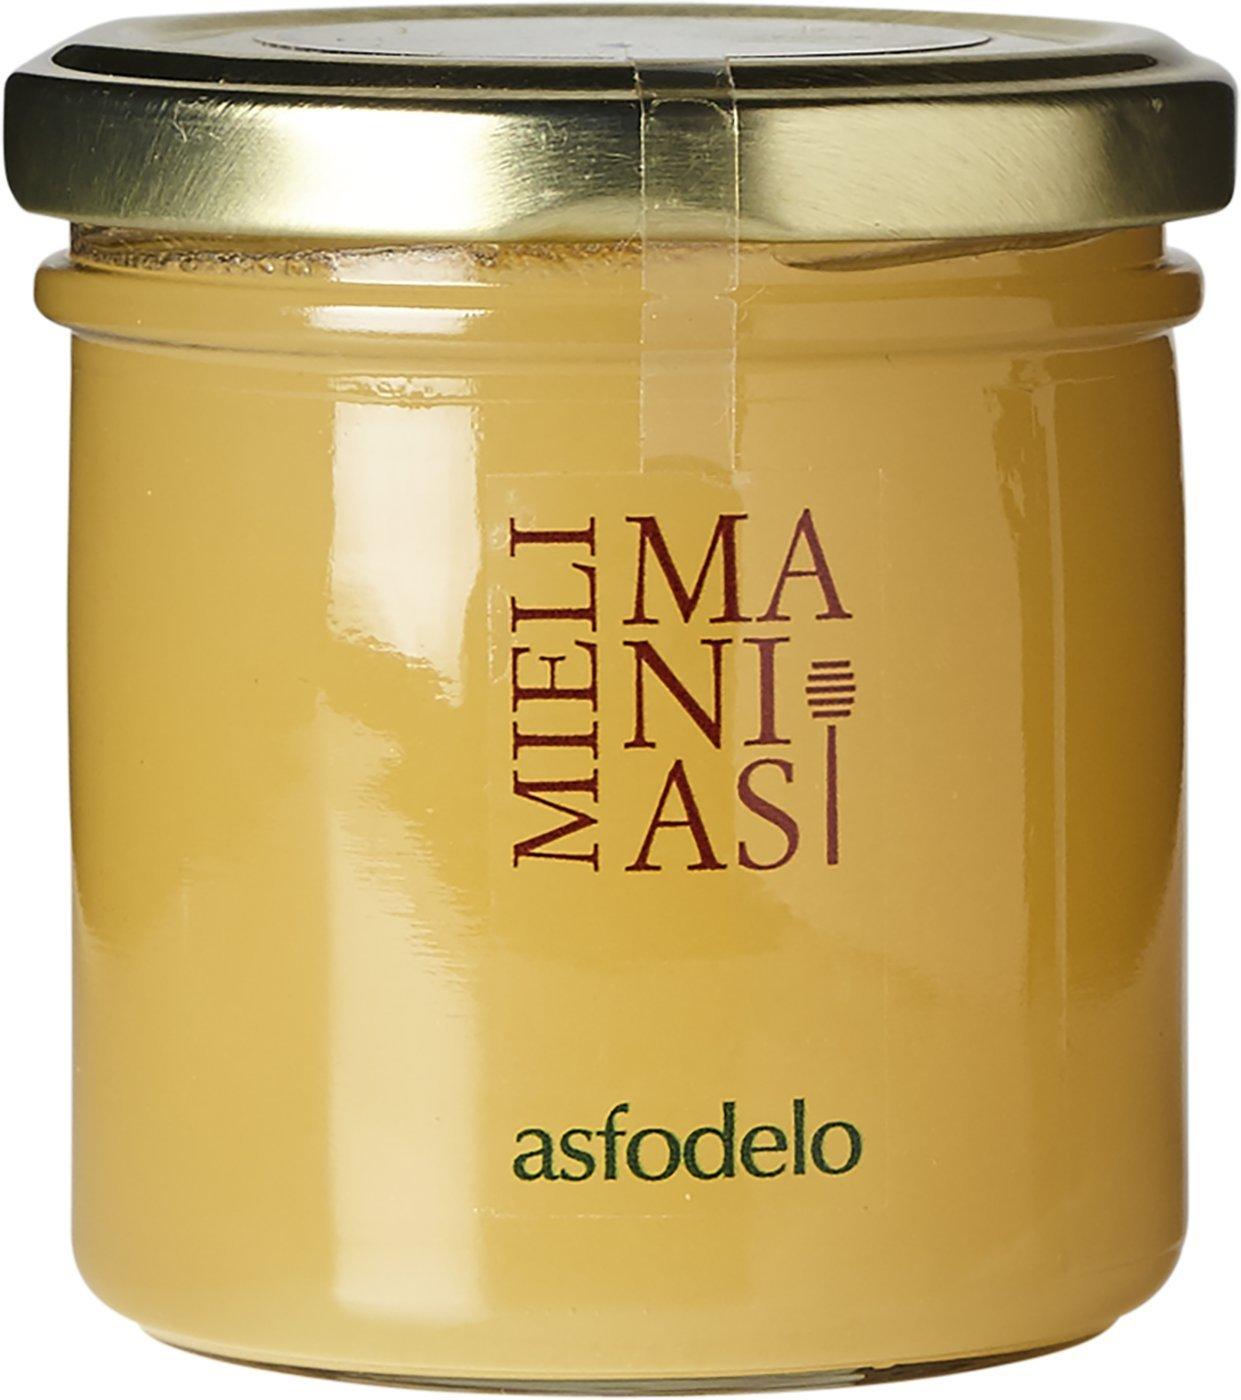 Asphodel Honey Luigi Manias - Sardinia, Italy - 7oz by Liccu Manias